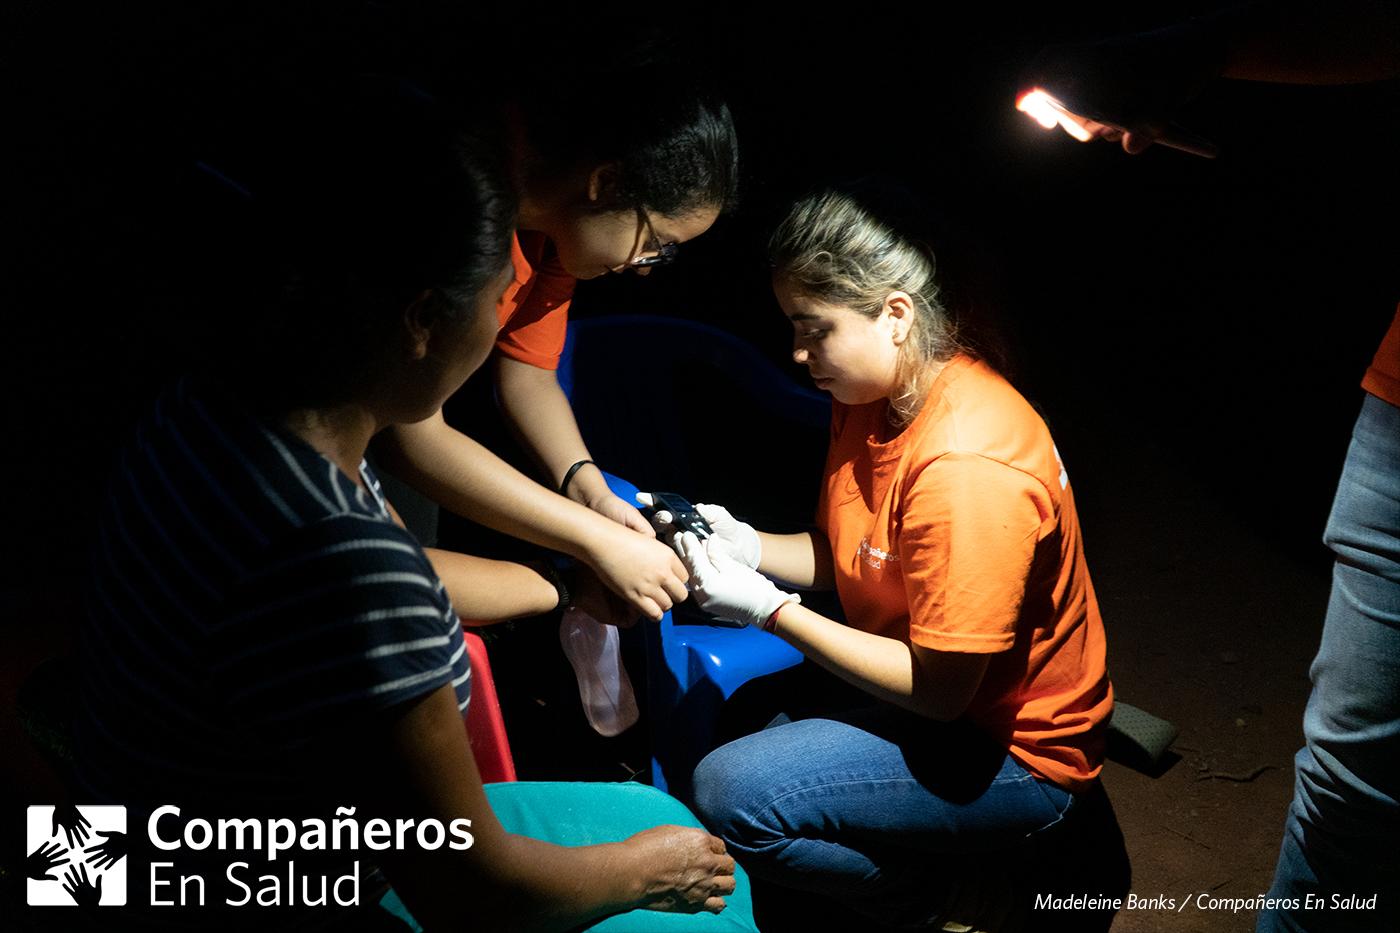 Foto: Karen Yunuen y Gala Limón Saldivar, estudiantes de medicina, miden el nivel de glucosa de doña Rosalinda durante la búsqueda activa en su comunidad.